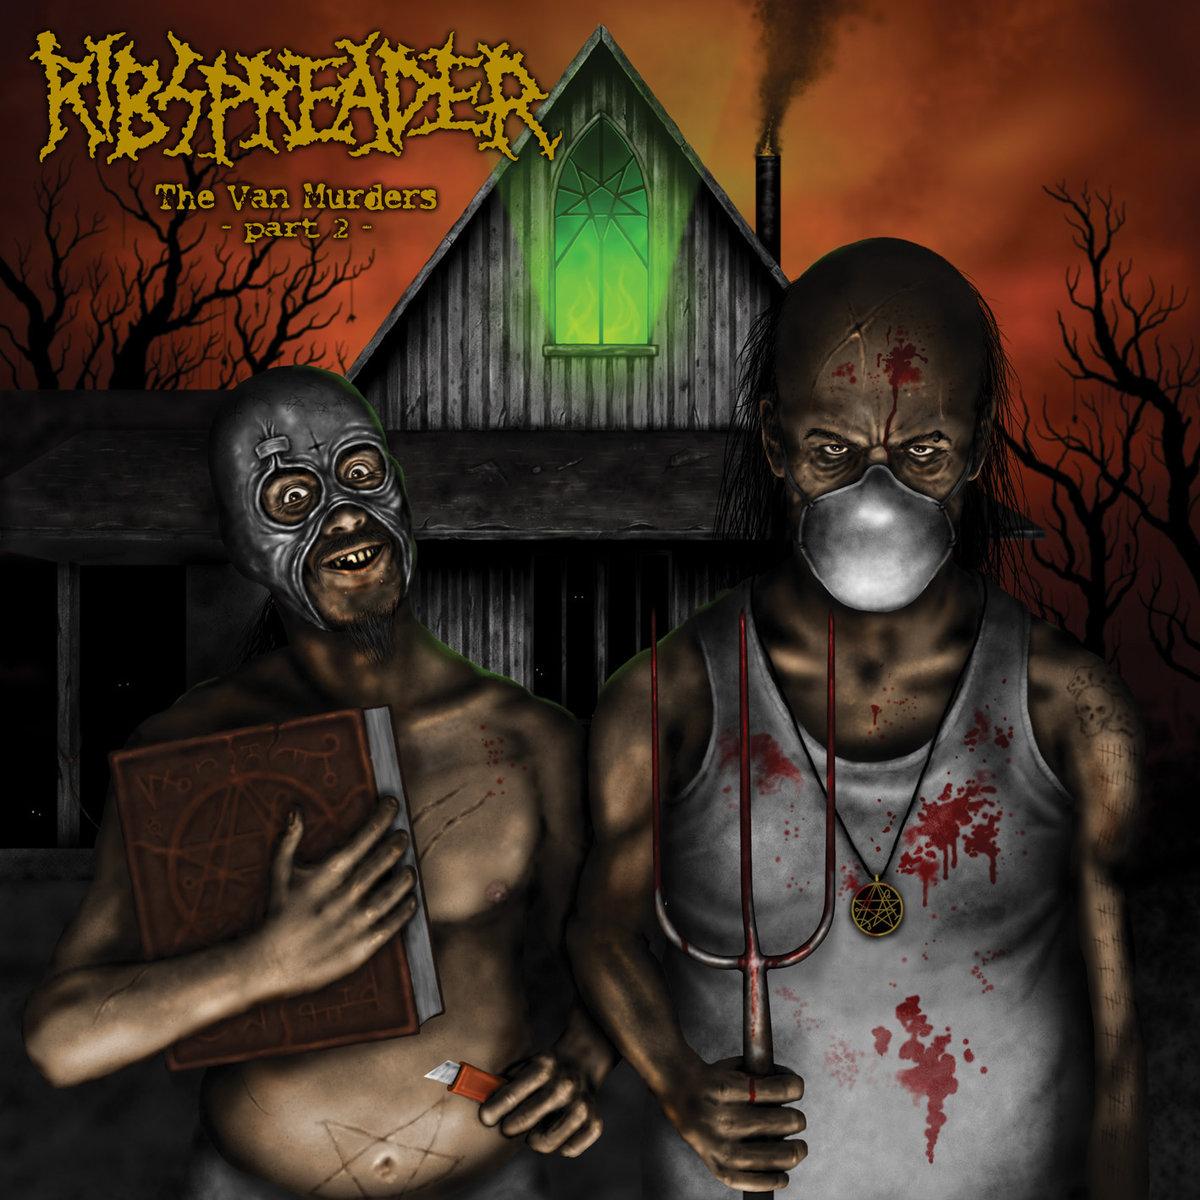 RIBSPREADER - The Van Murders - Part 2  CD